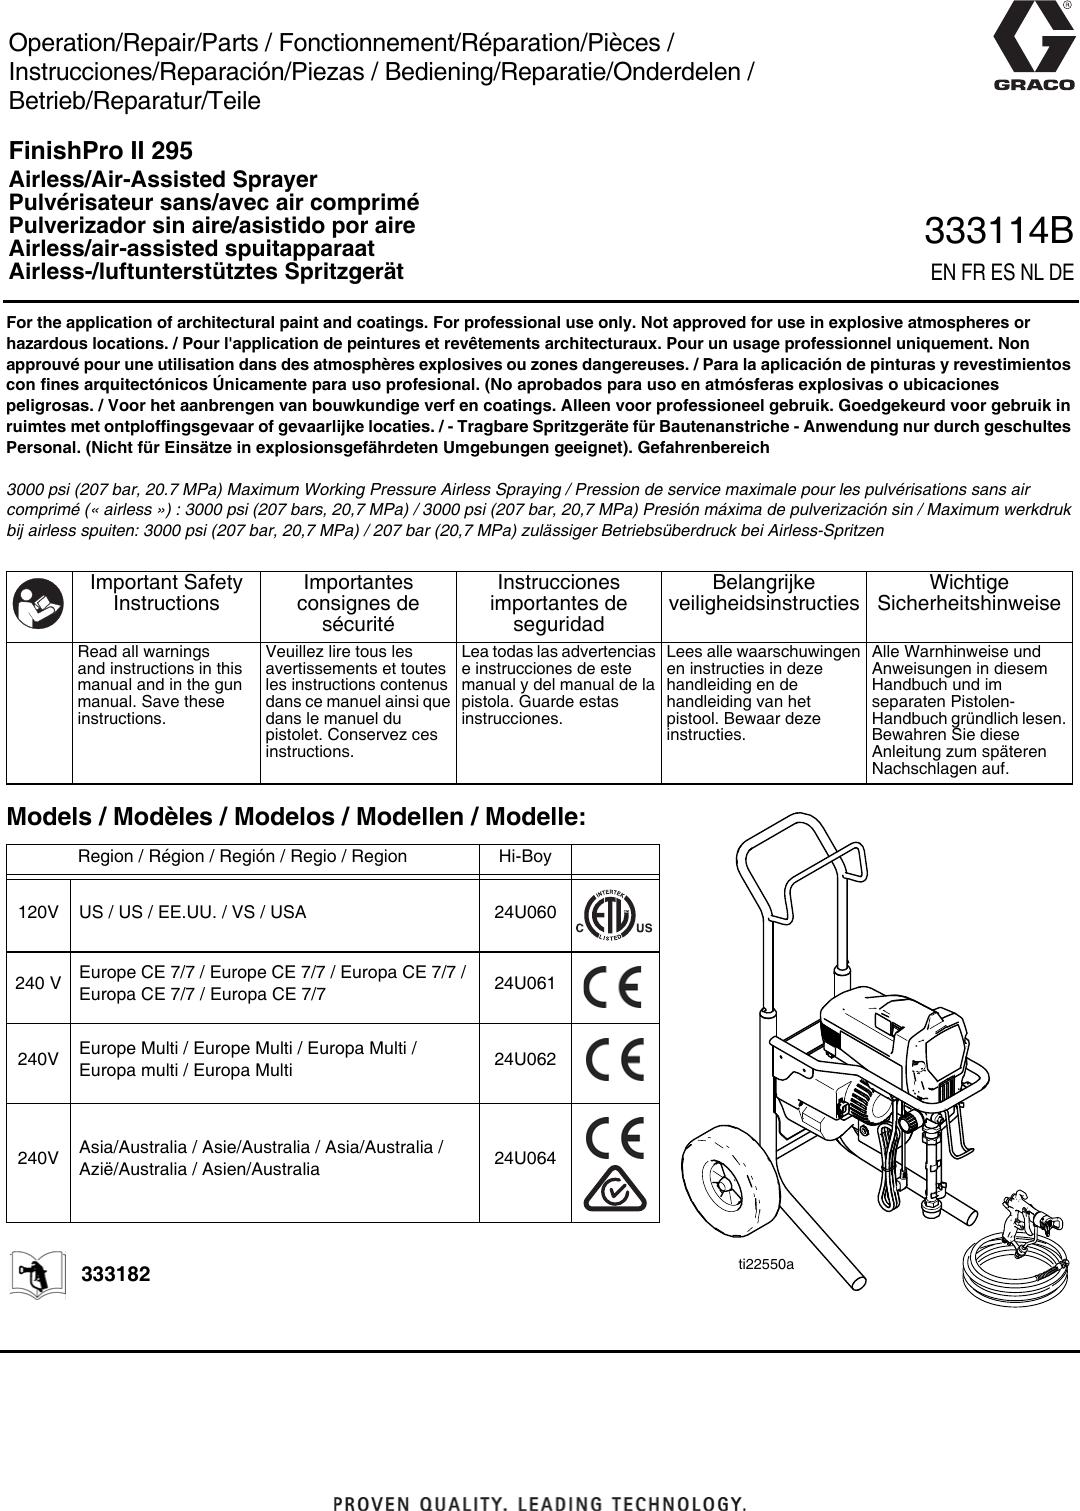 Großartig Timersymbol Schematisch Fotos - Elektrische Schaltplan ...